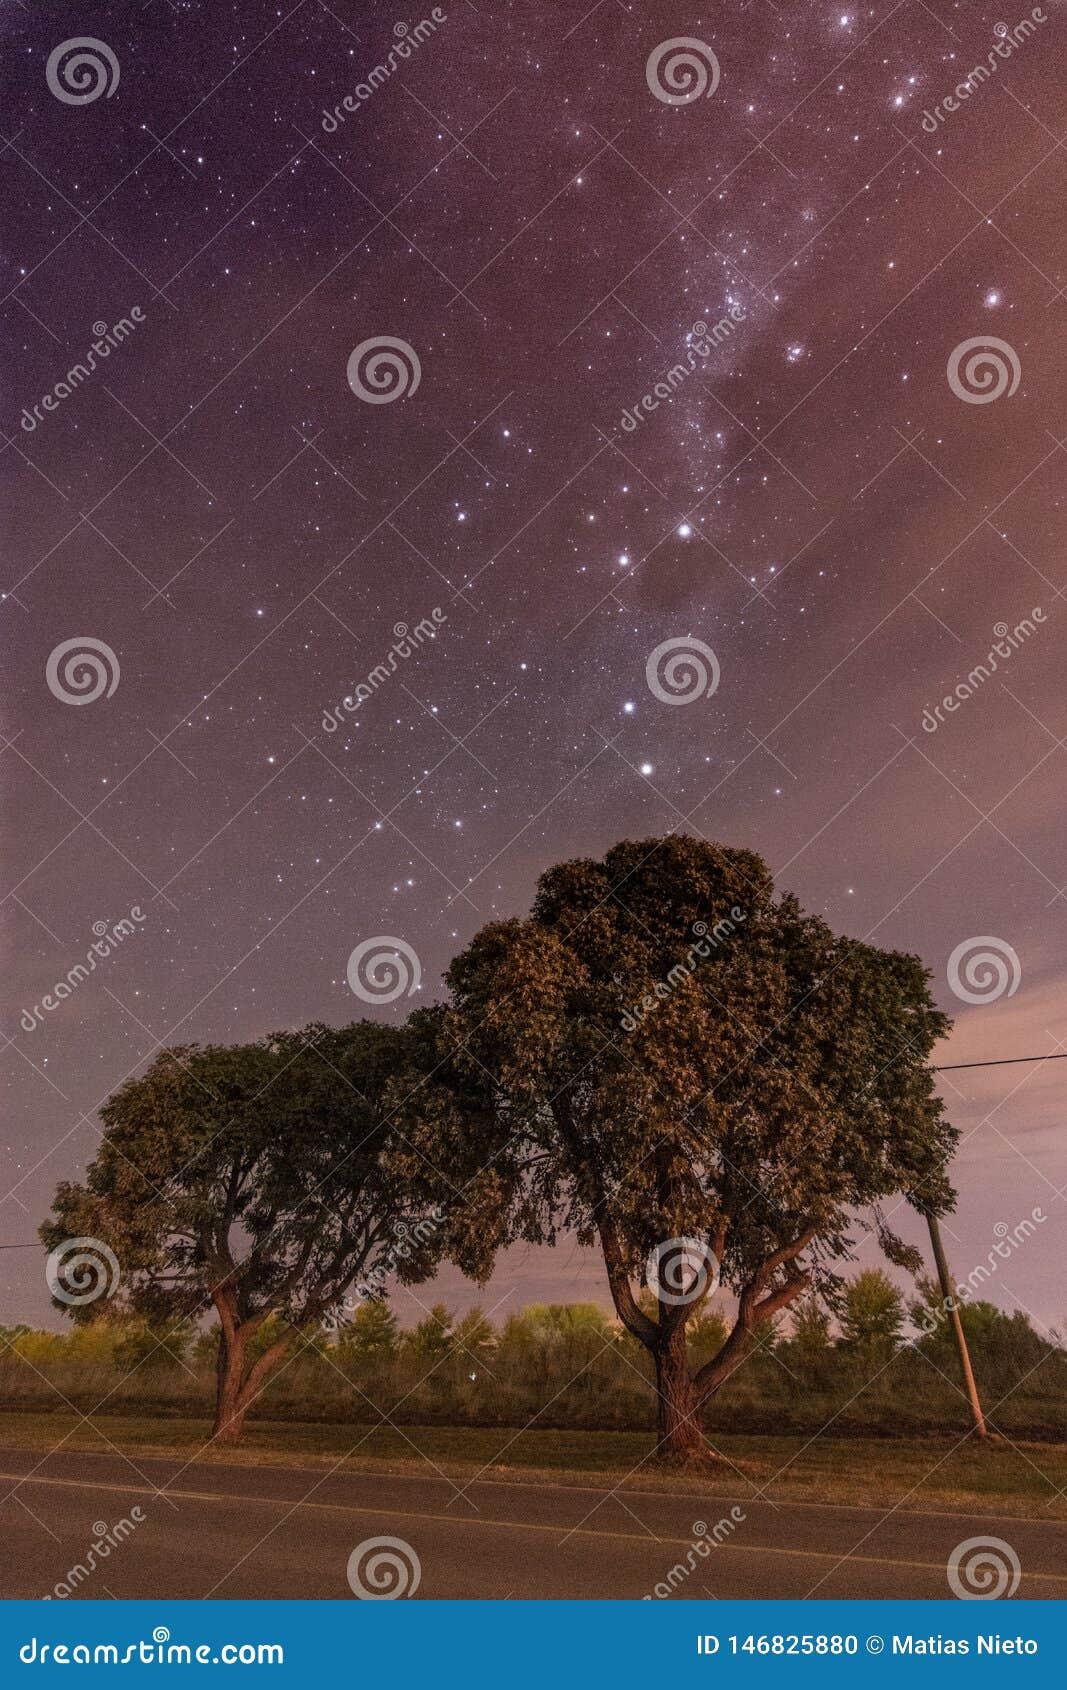 Sterrige astrophotography van de nachthemel met bomen onder de sterren